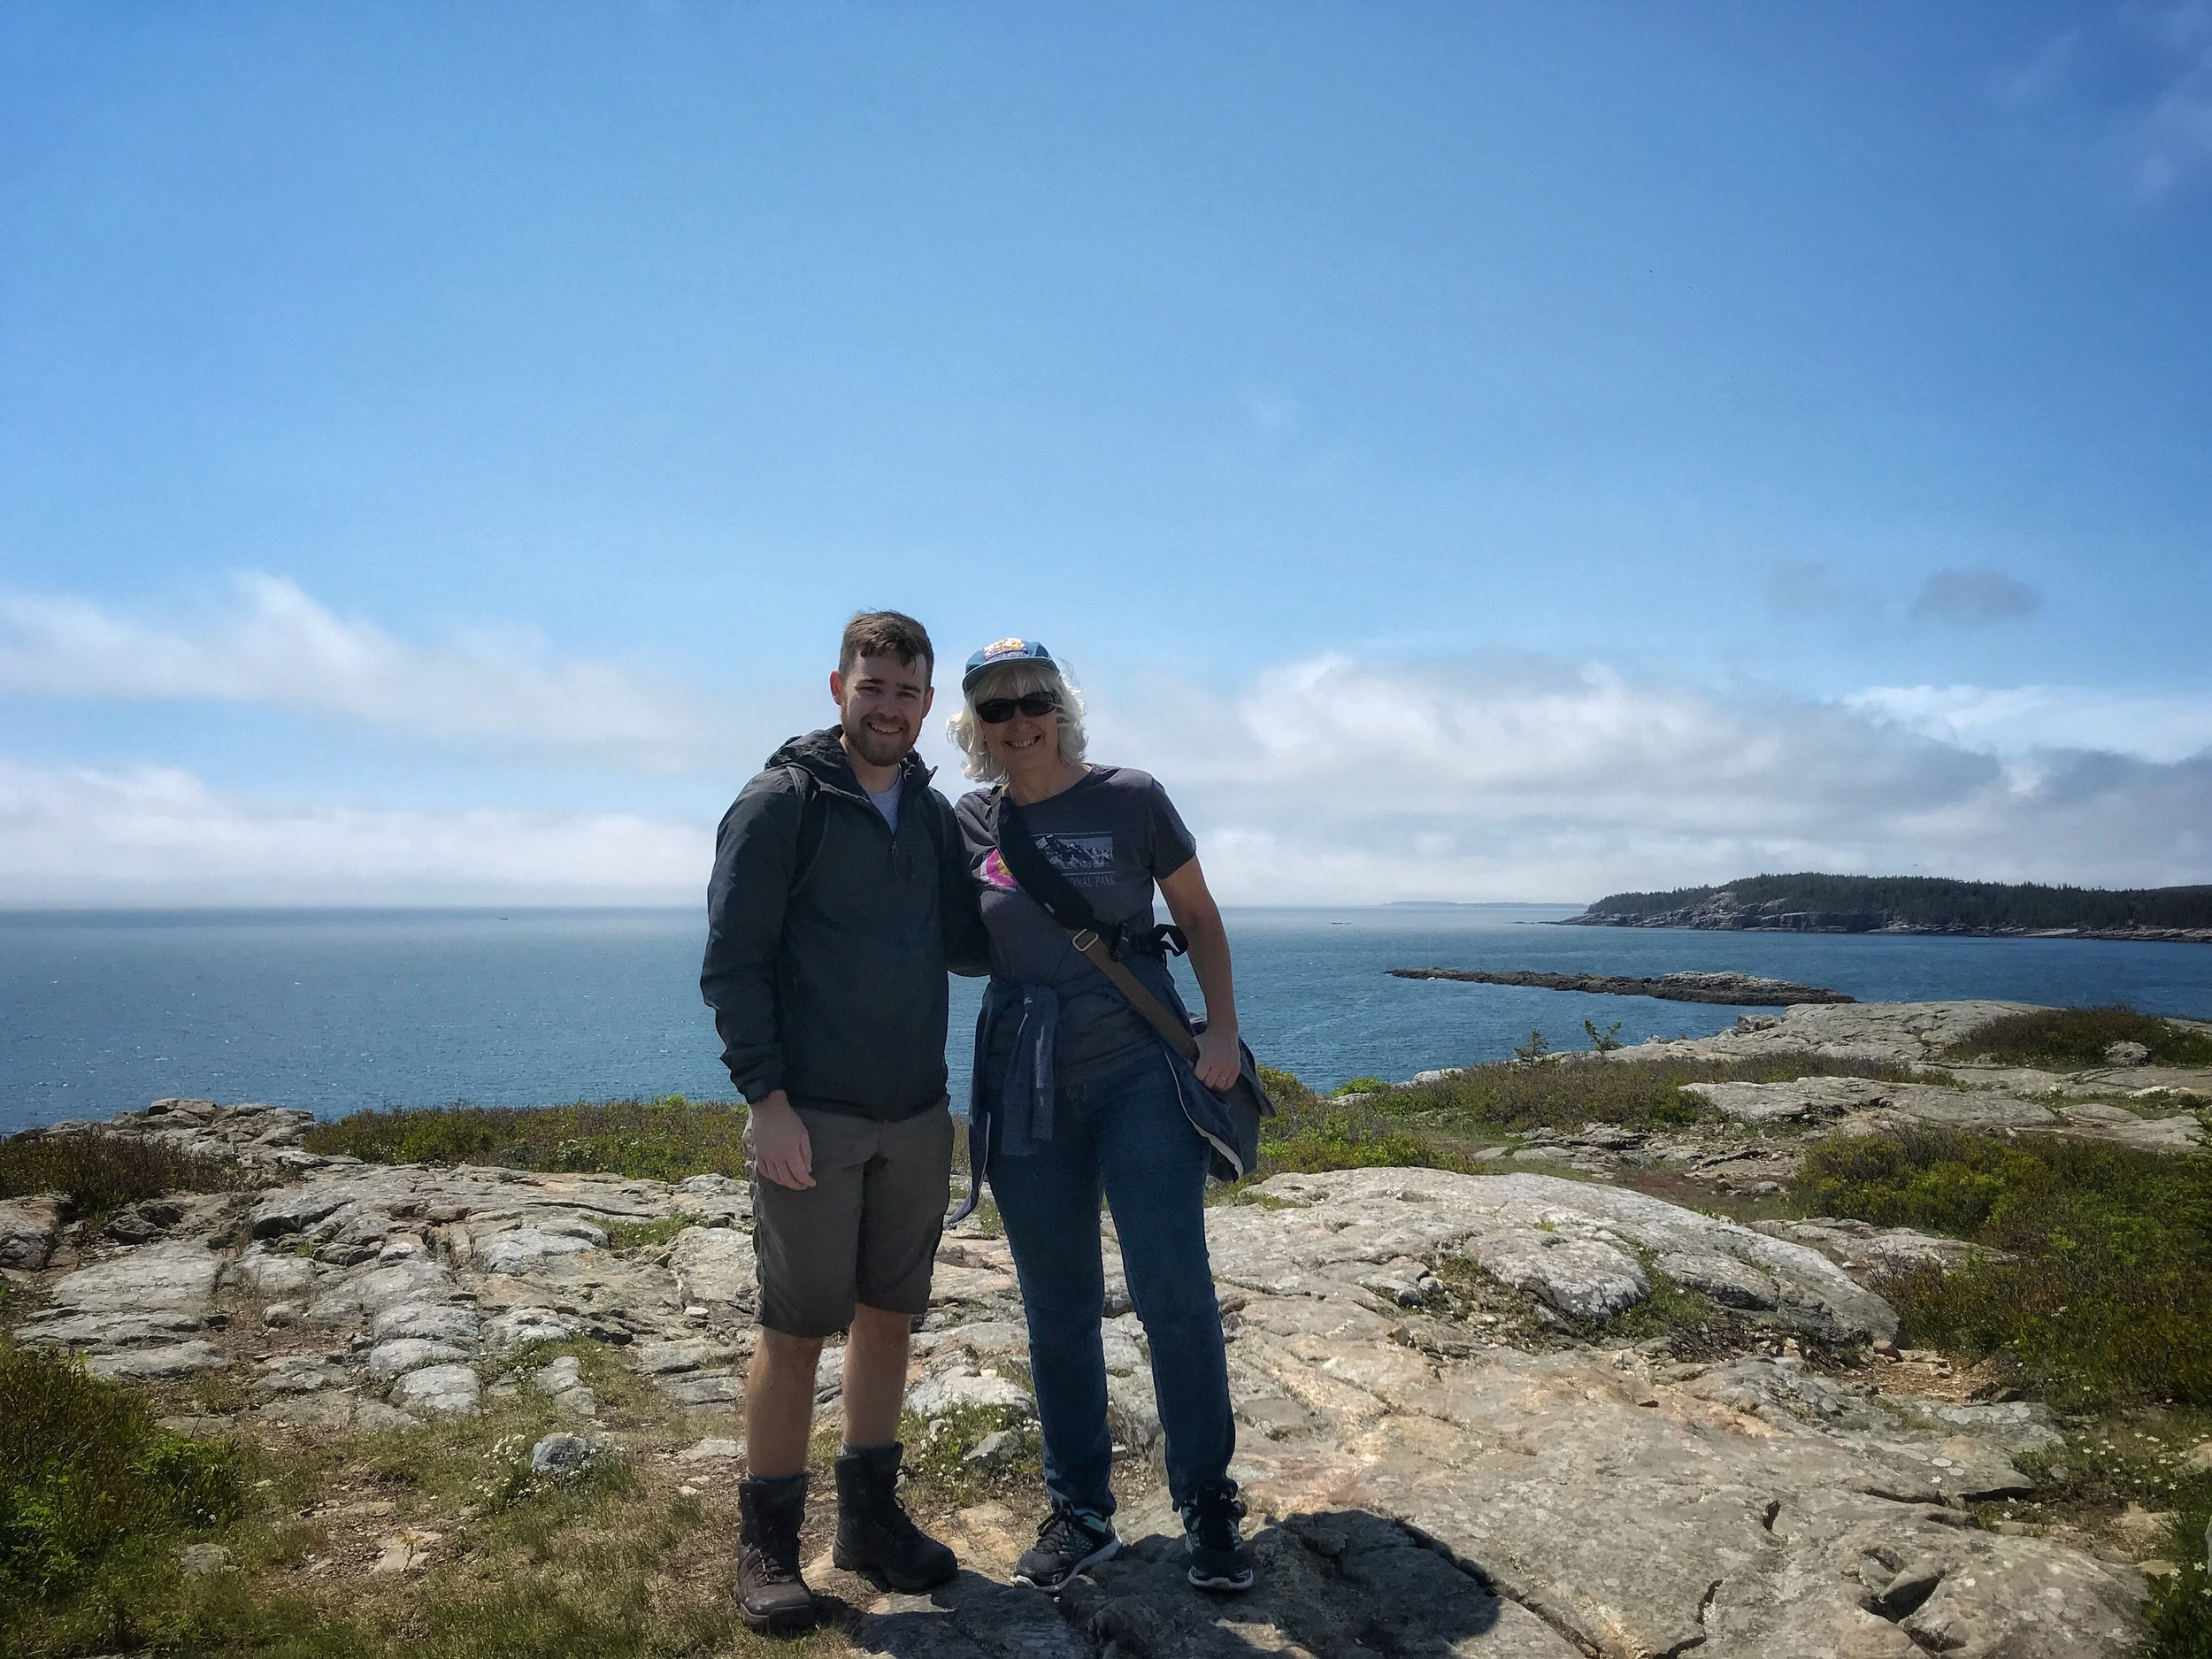 Matthew and I at Acadia National Park